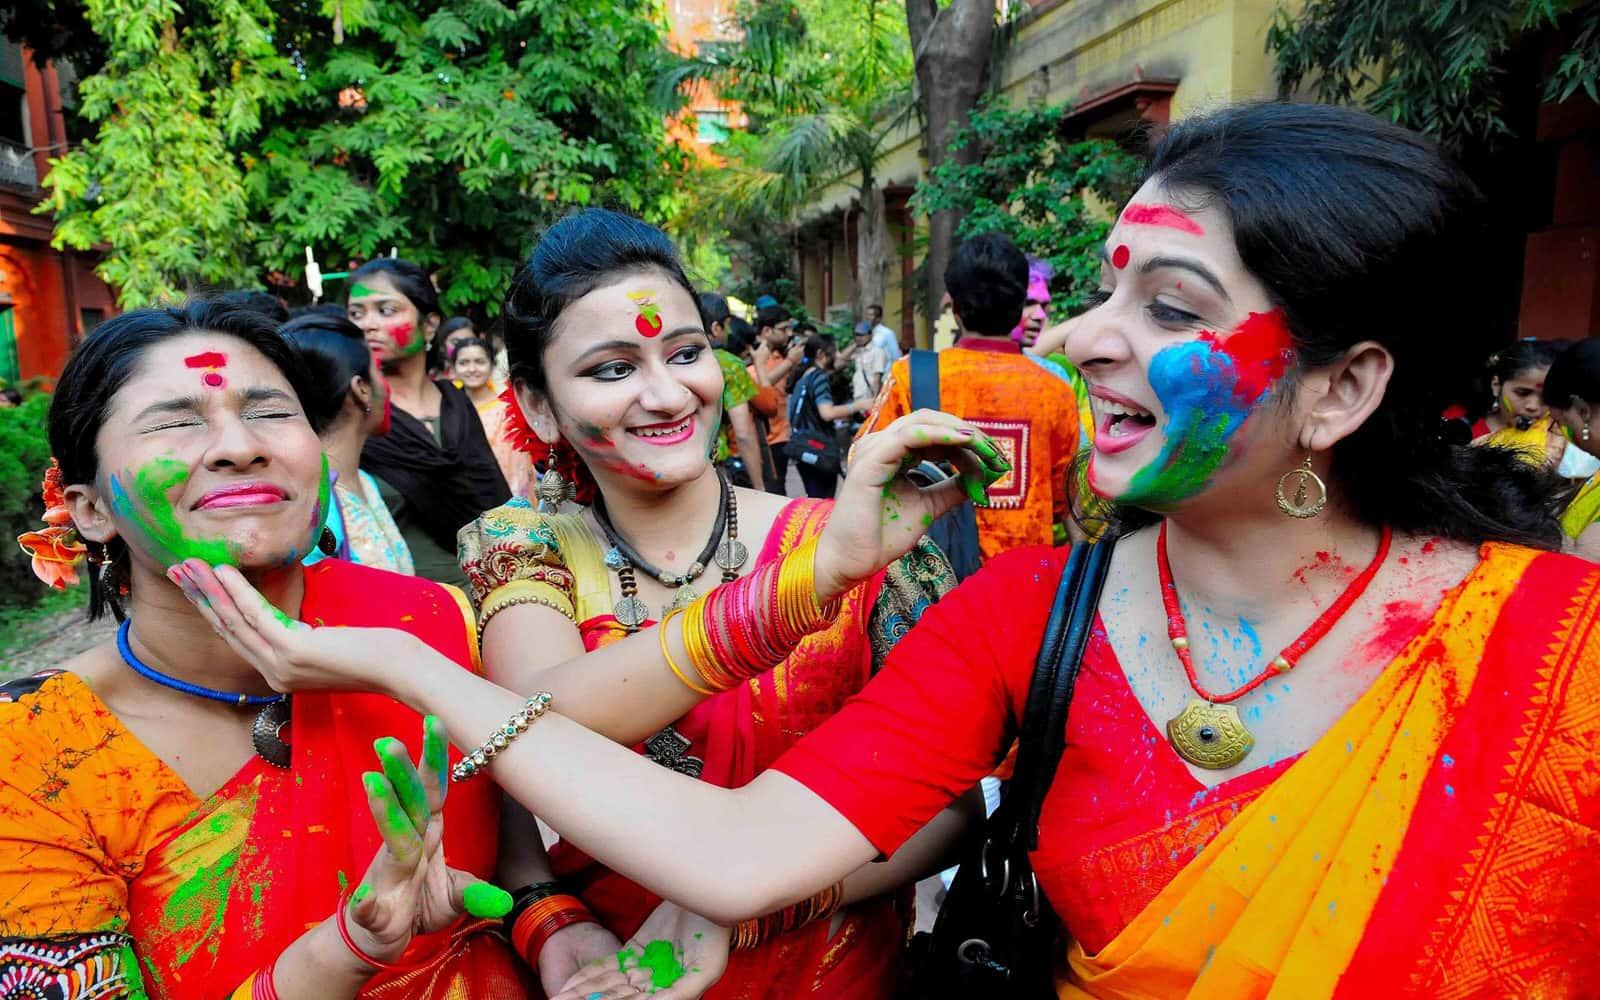 印度城市介紹-加爾各答市(Kolkata)節慶篇